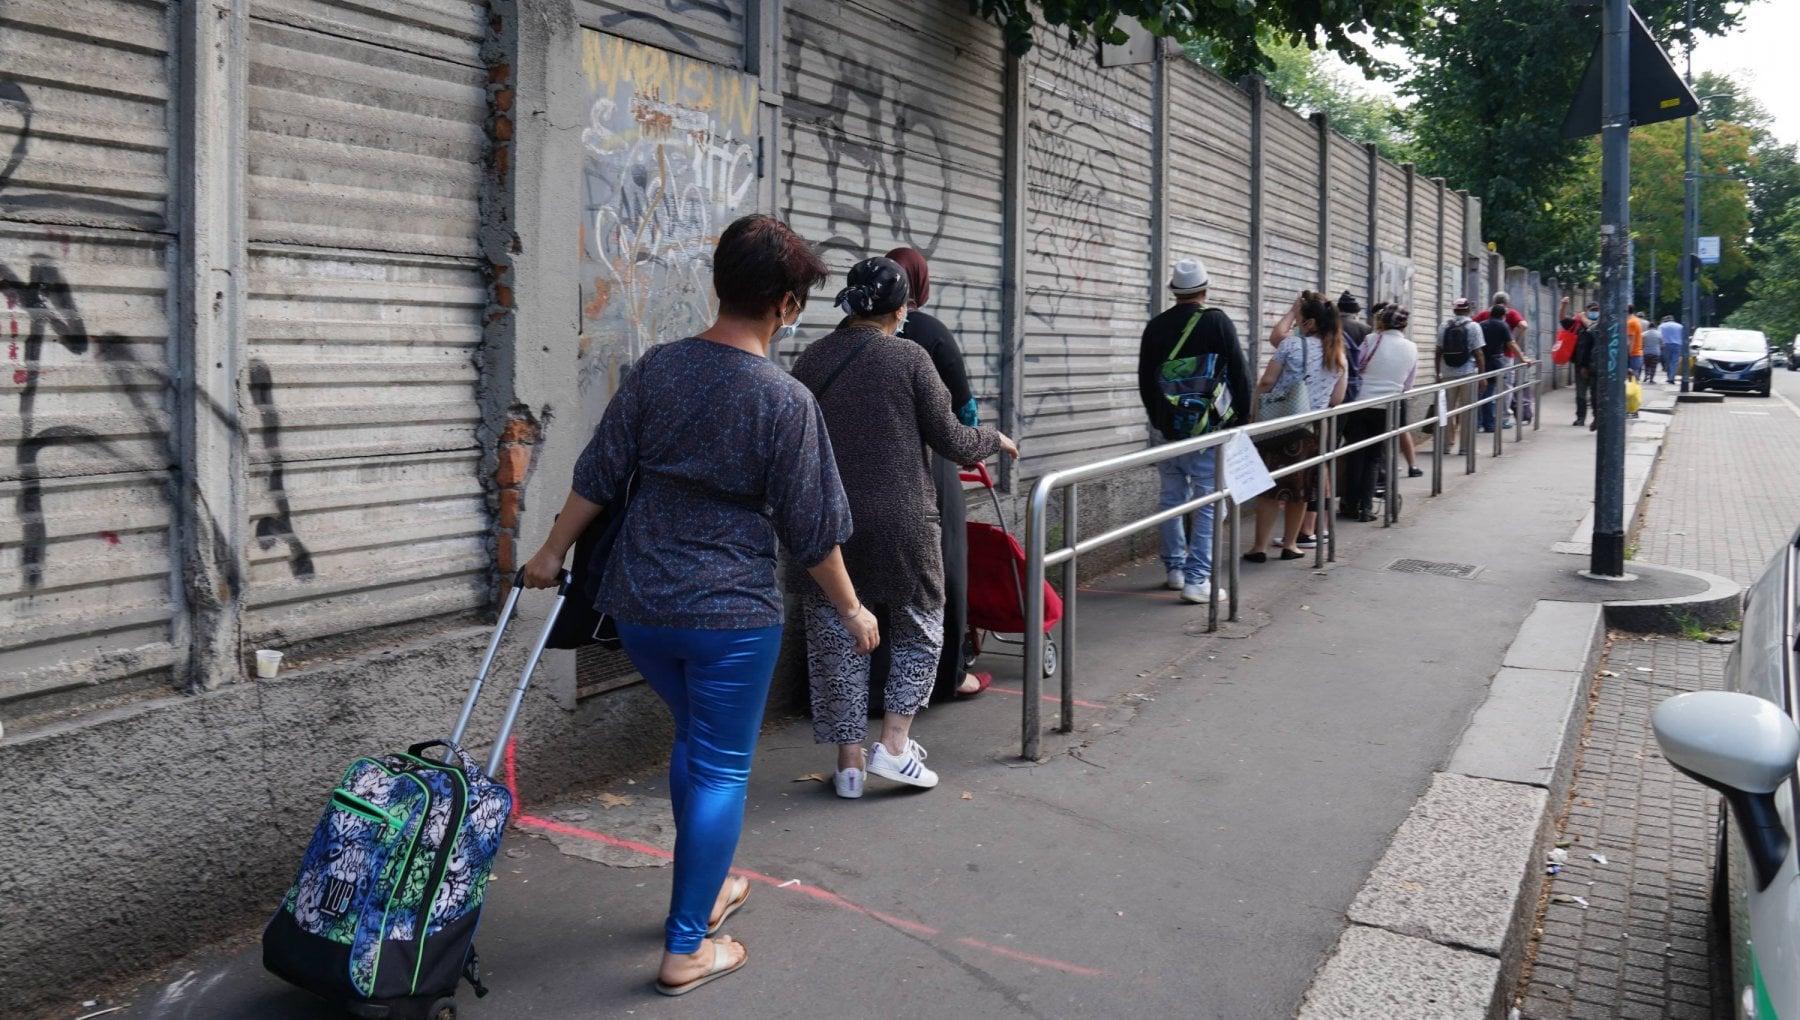 Milano migliaia di persone in fila ogni giorno per un pacco alimentare